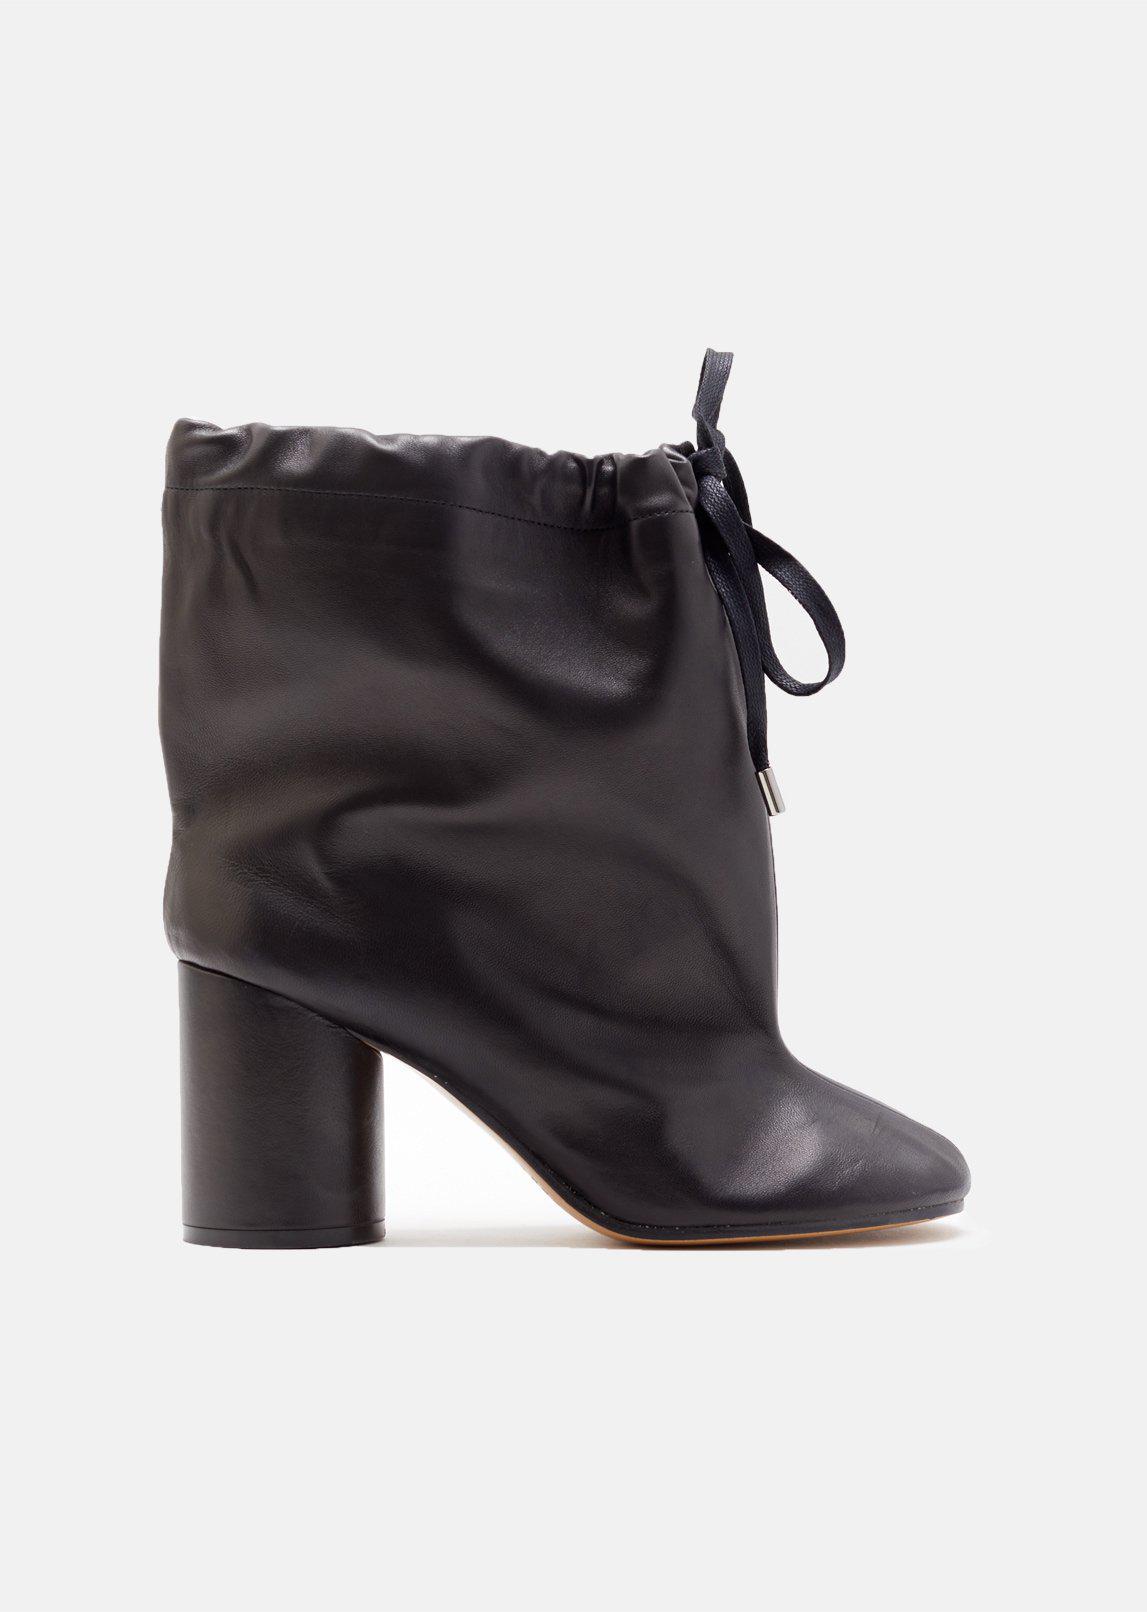 Maison Margiela White Soft Leather Tabi Boots Prix D'usine Libre Vente D'expédition En Ligne Vente Grand Escompte EQs7F